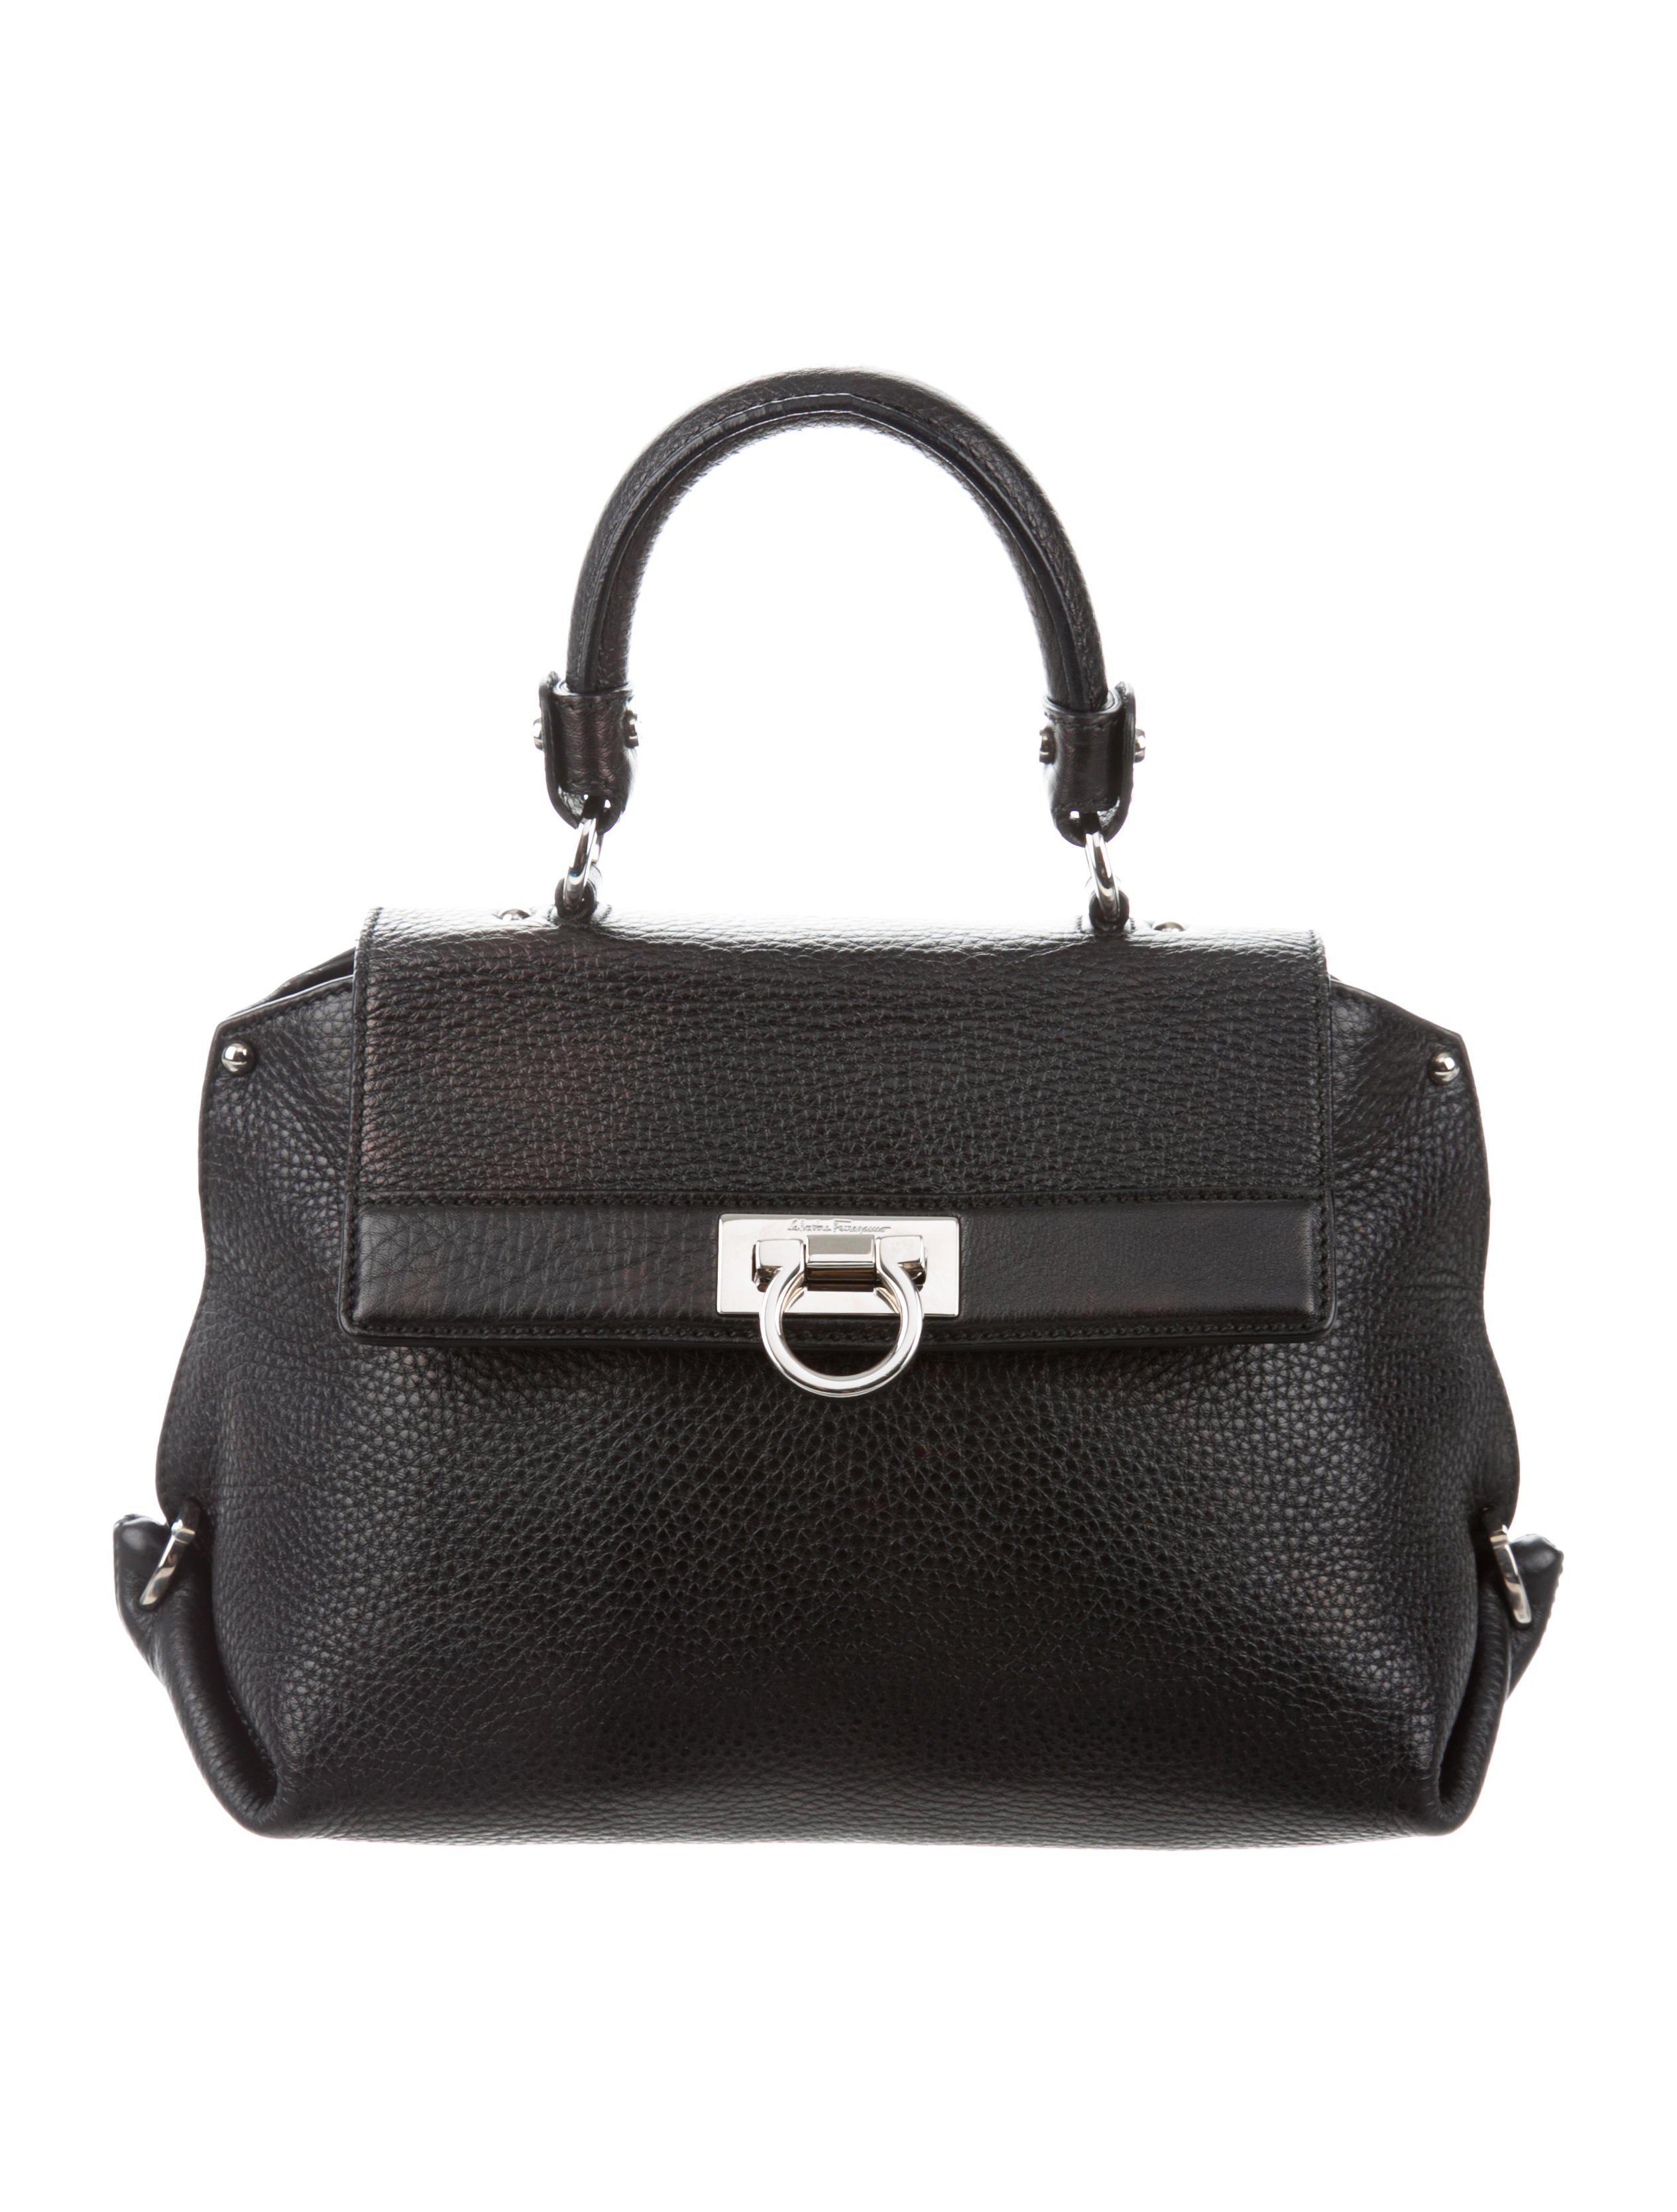 4bd0b57a1a Lyst - Ferragamo Sophia Leather Satchel Black in Metallic